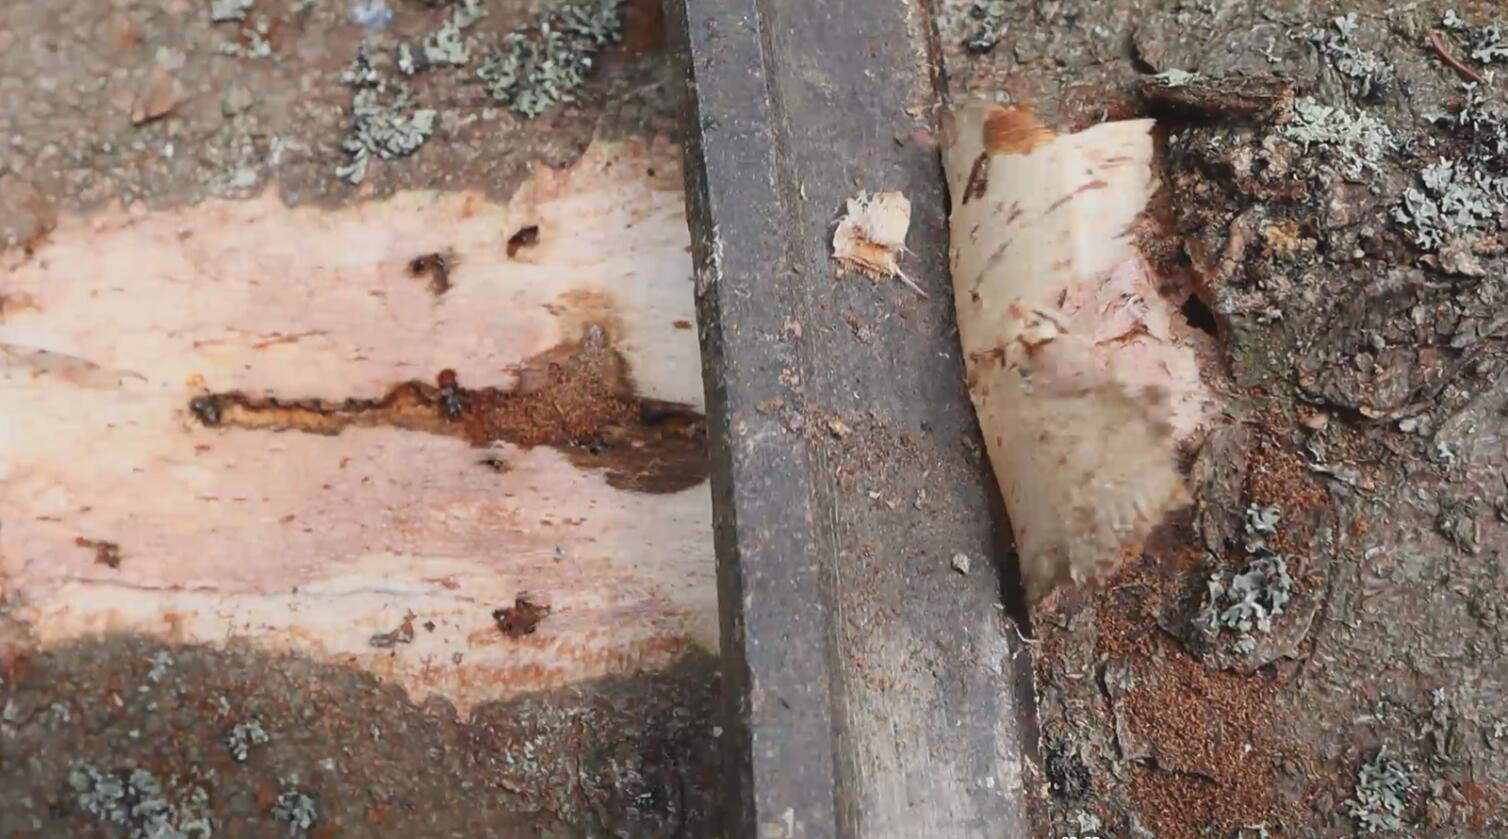 Bildet viser hvordan man bruker kniv for å skave av bark for å se etter gangsystemer av stor granbarkbille. Foto: Paal Krokene og Isabella Børja